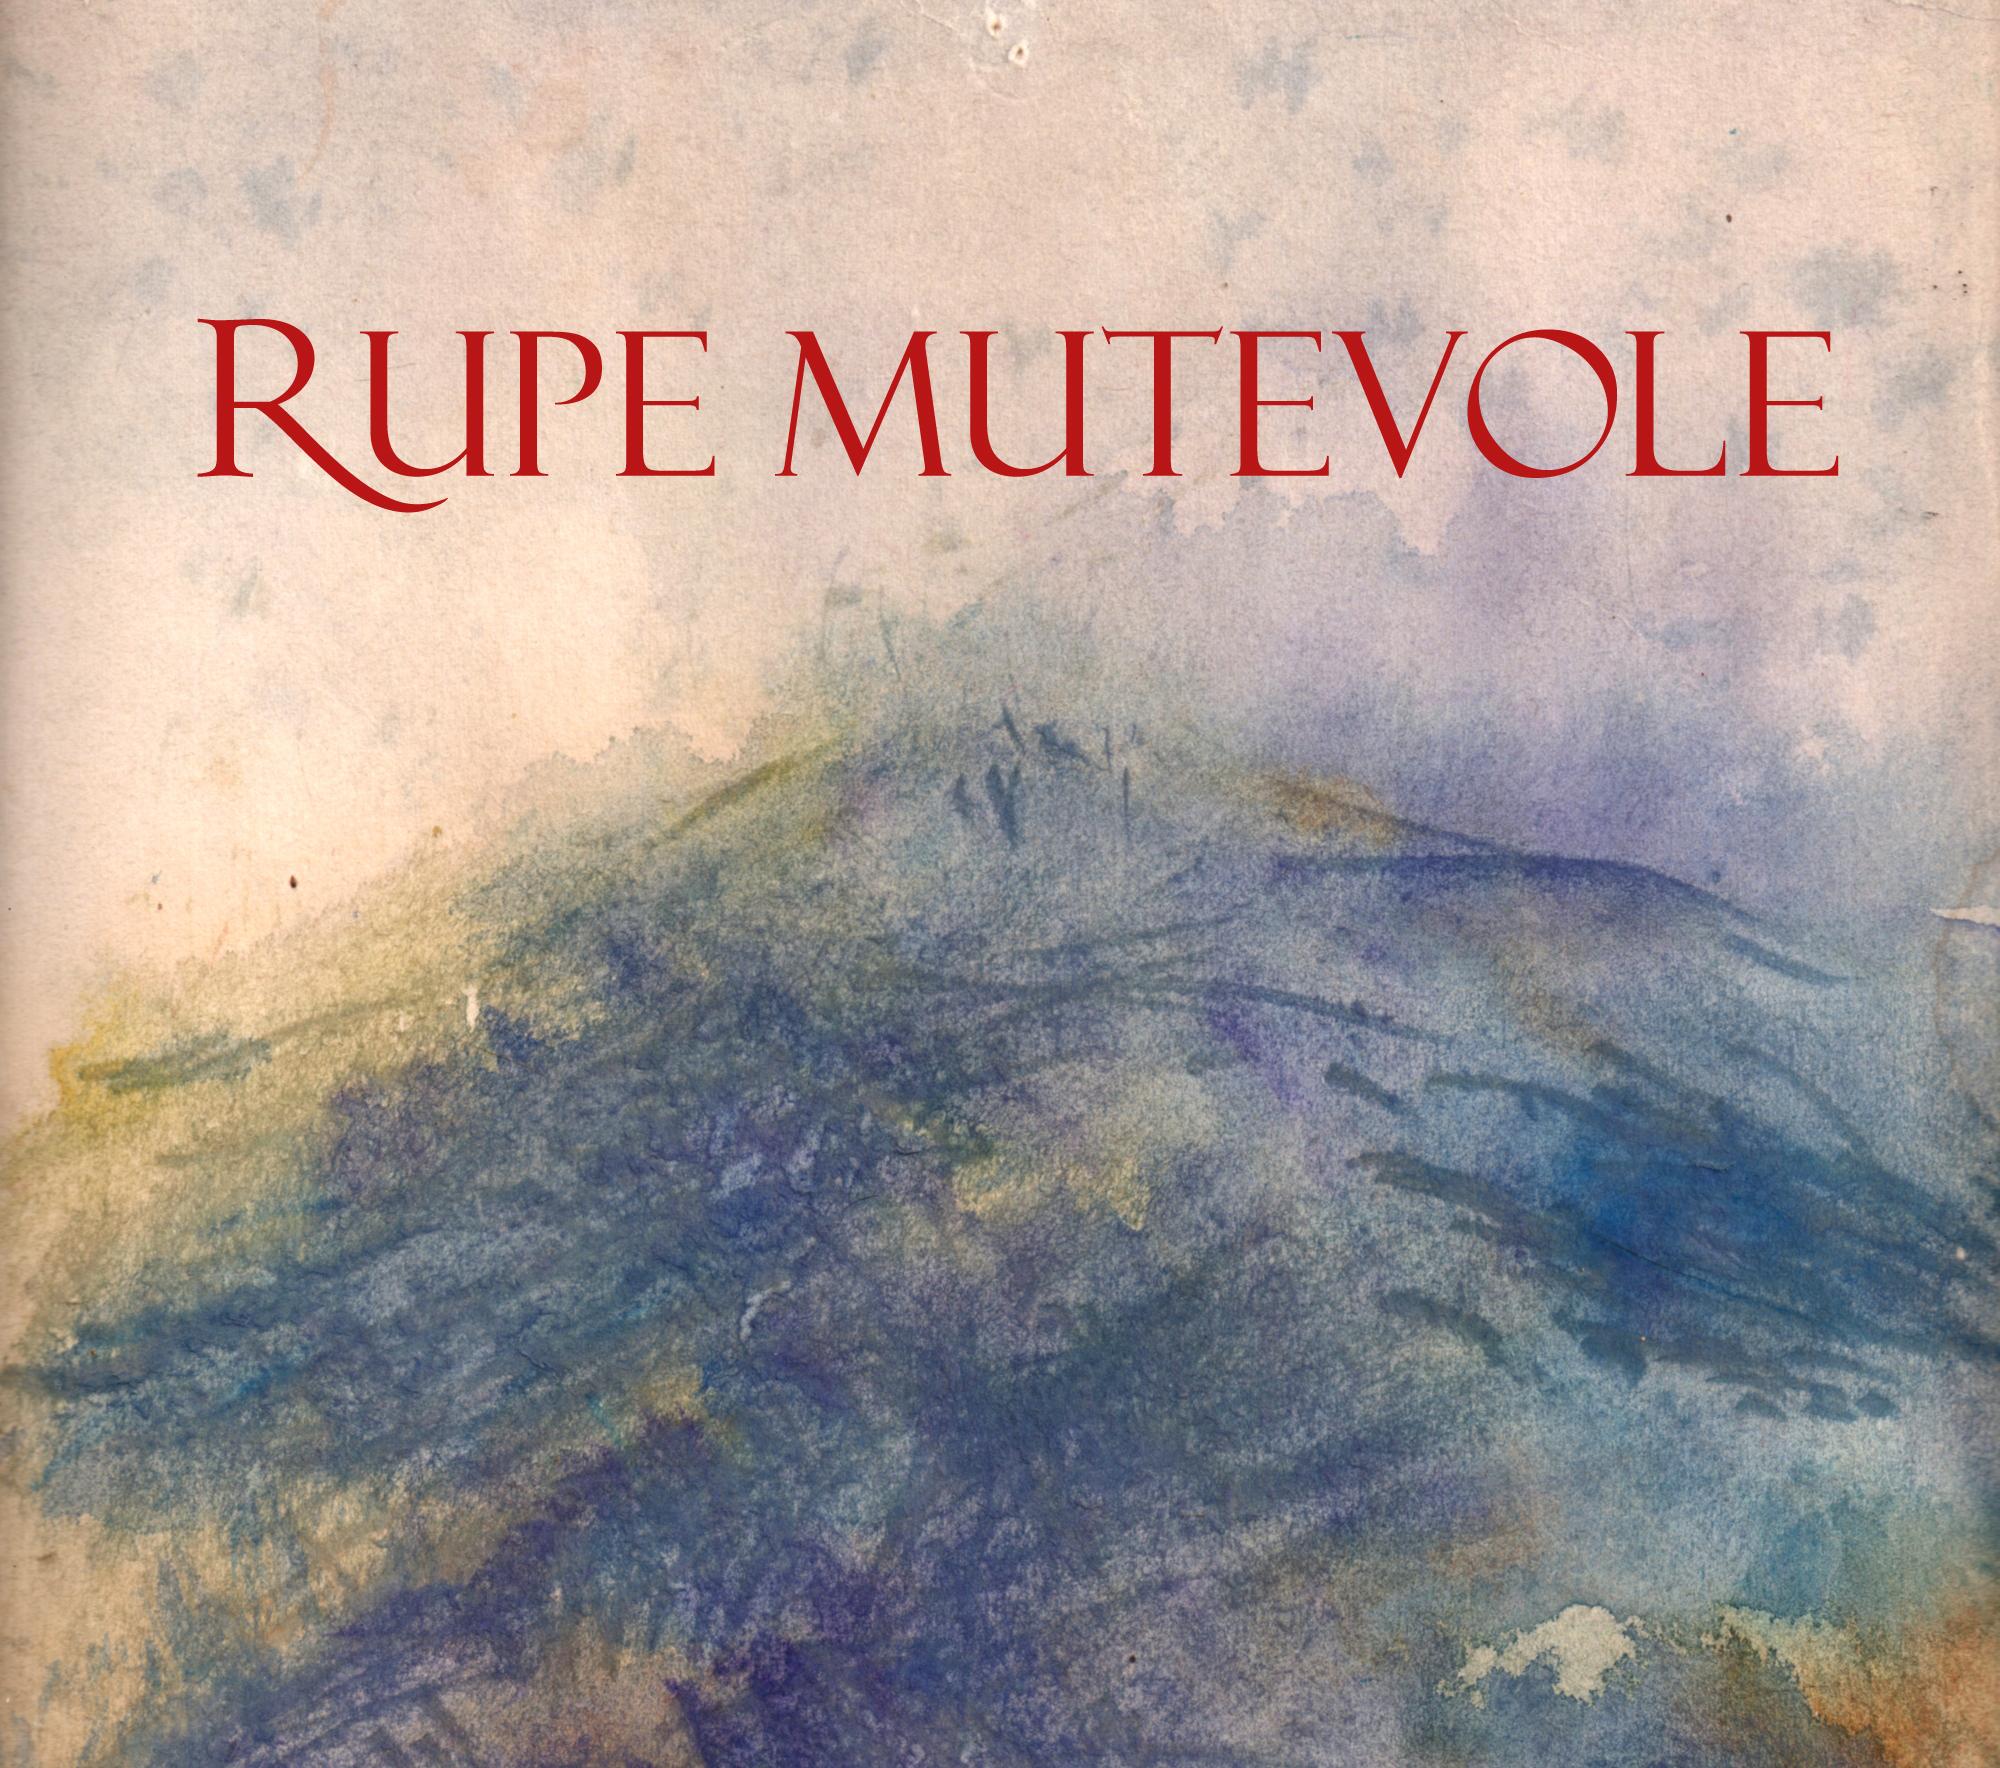 Rupe Mutevole Edizioni